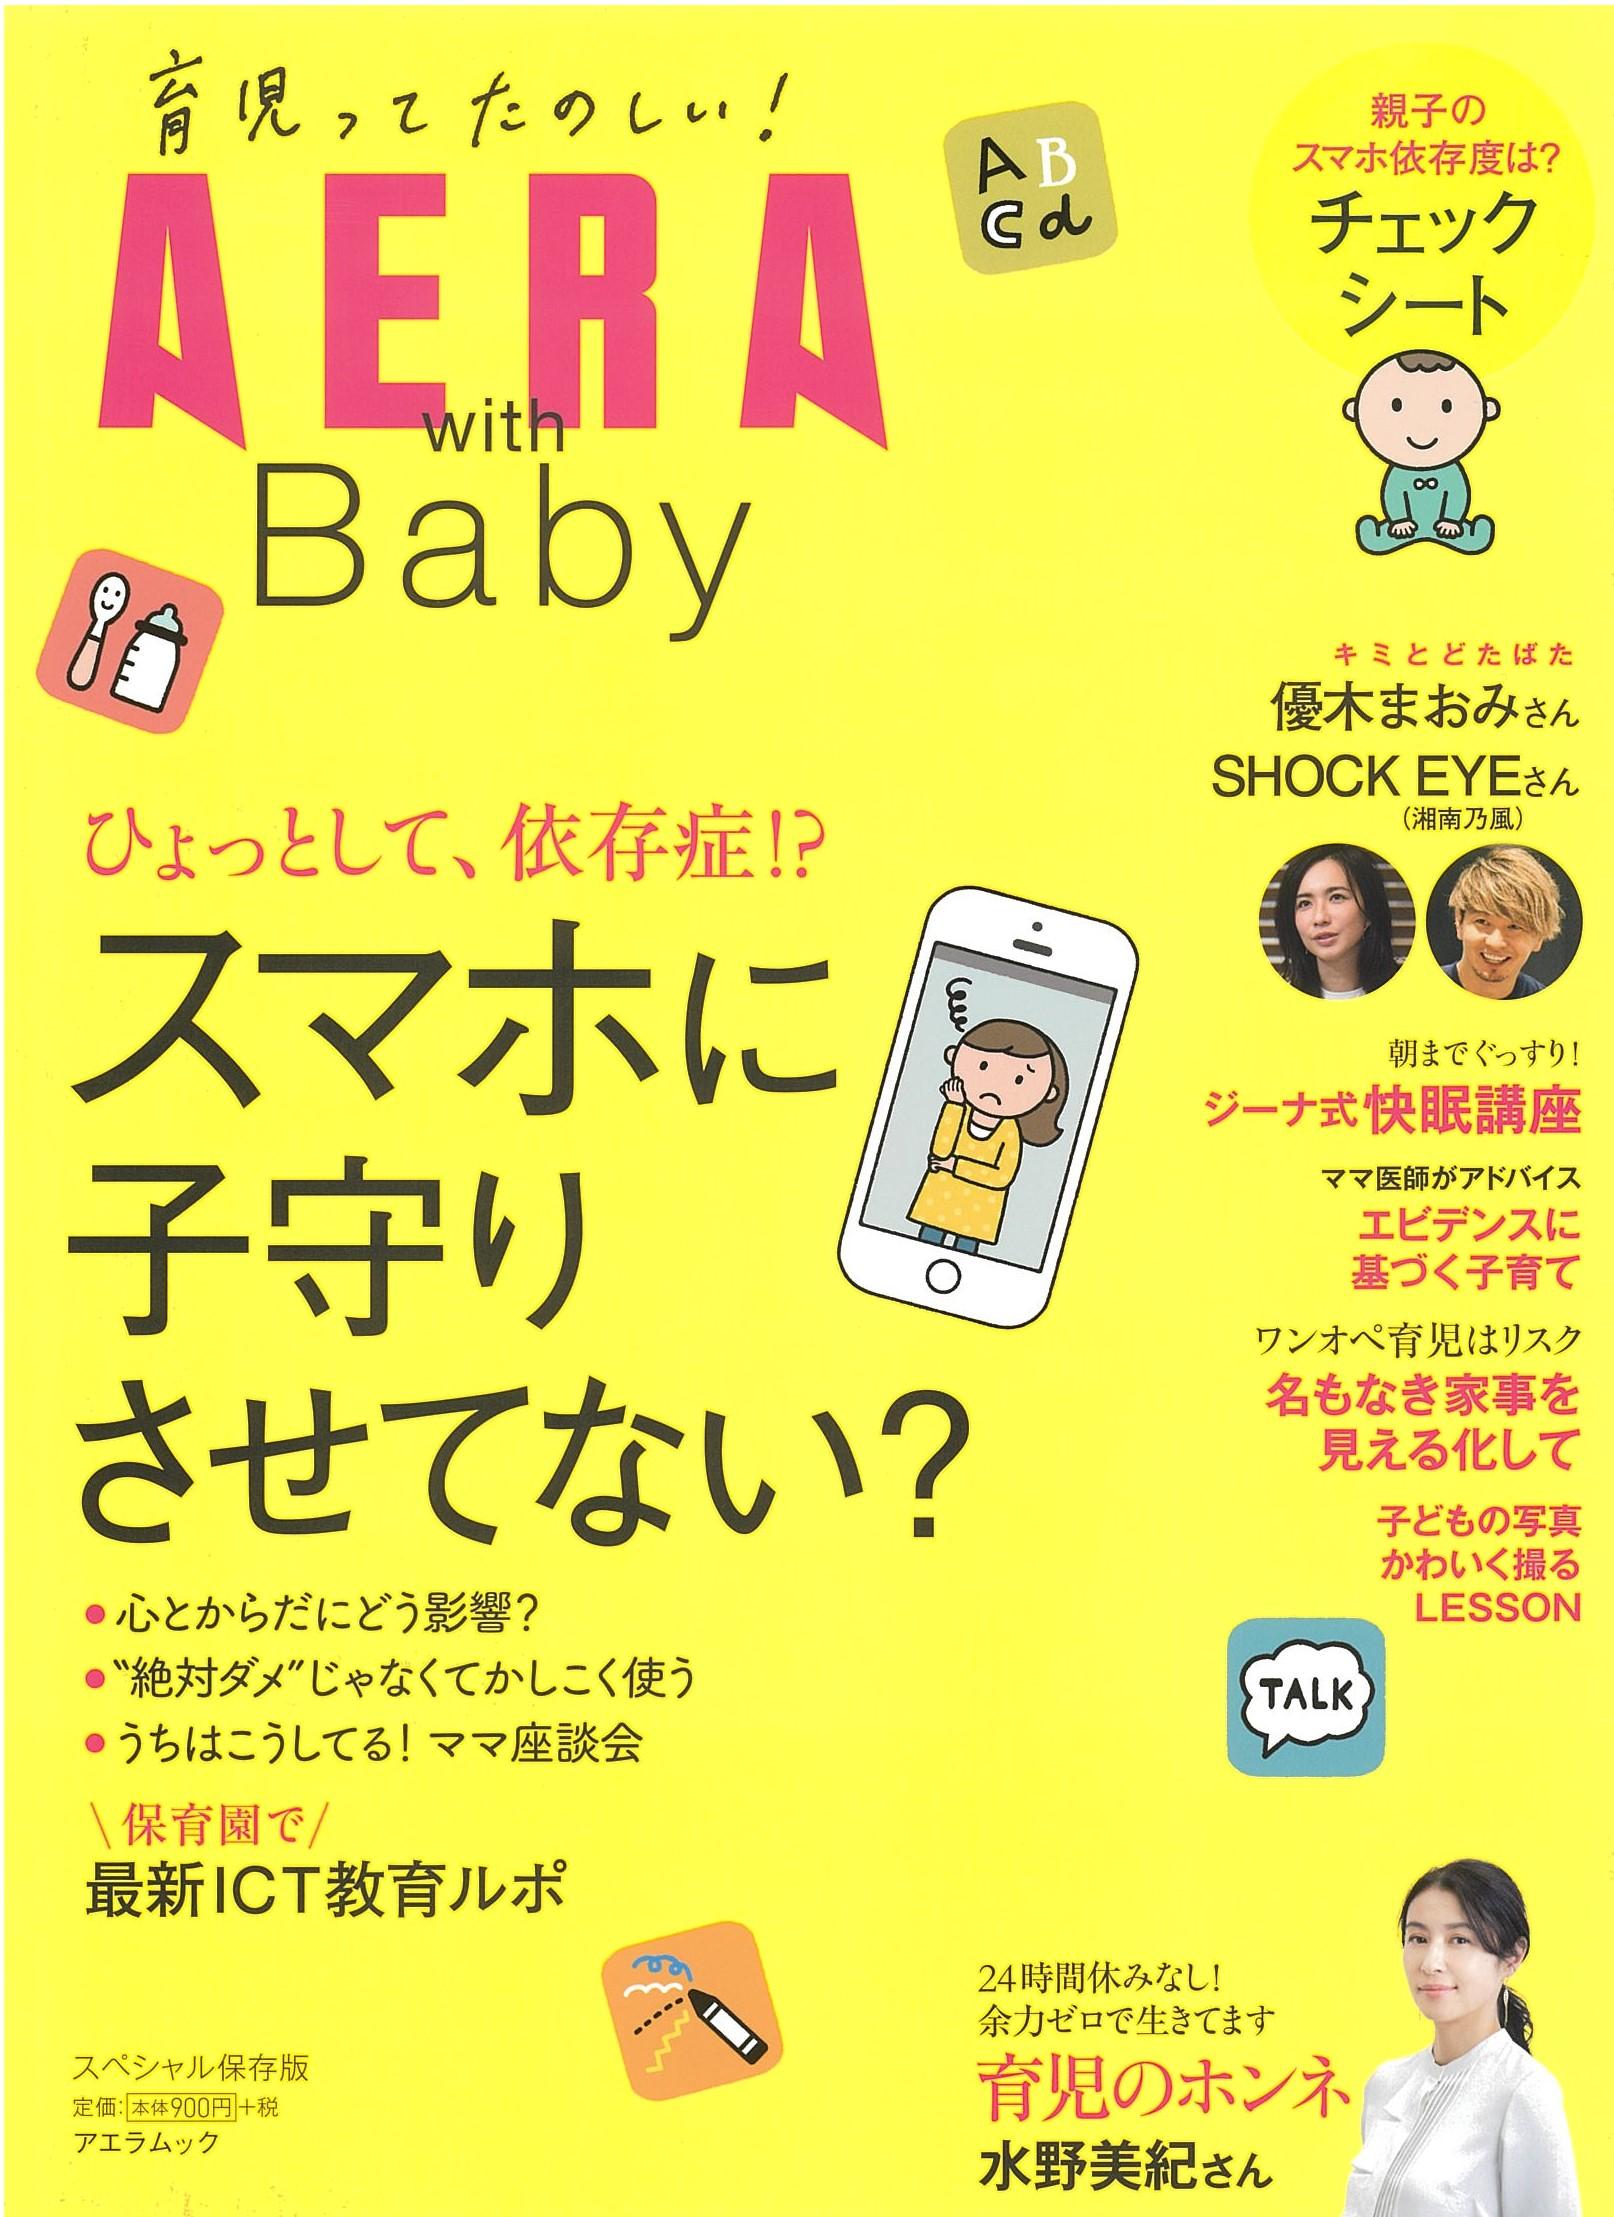 雑誌掲載のお知らせ【AERA with Baby】人気のビジネス誌【AERA】の別冊の育児雑誌 イメージ画像